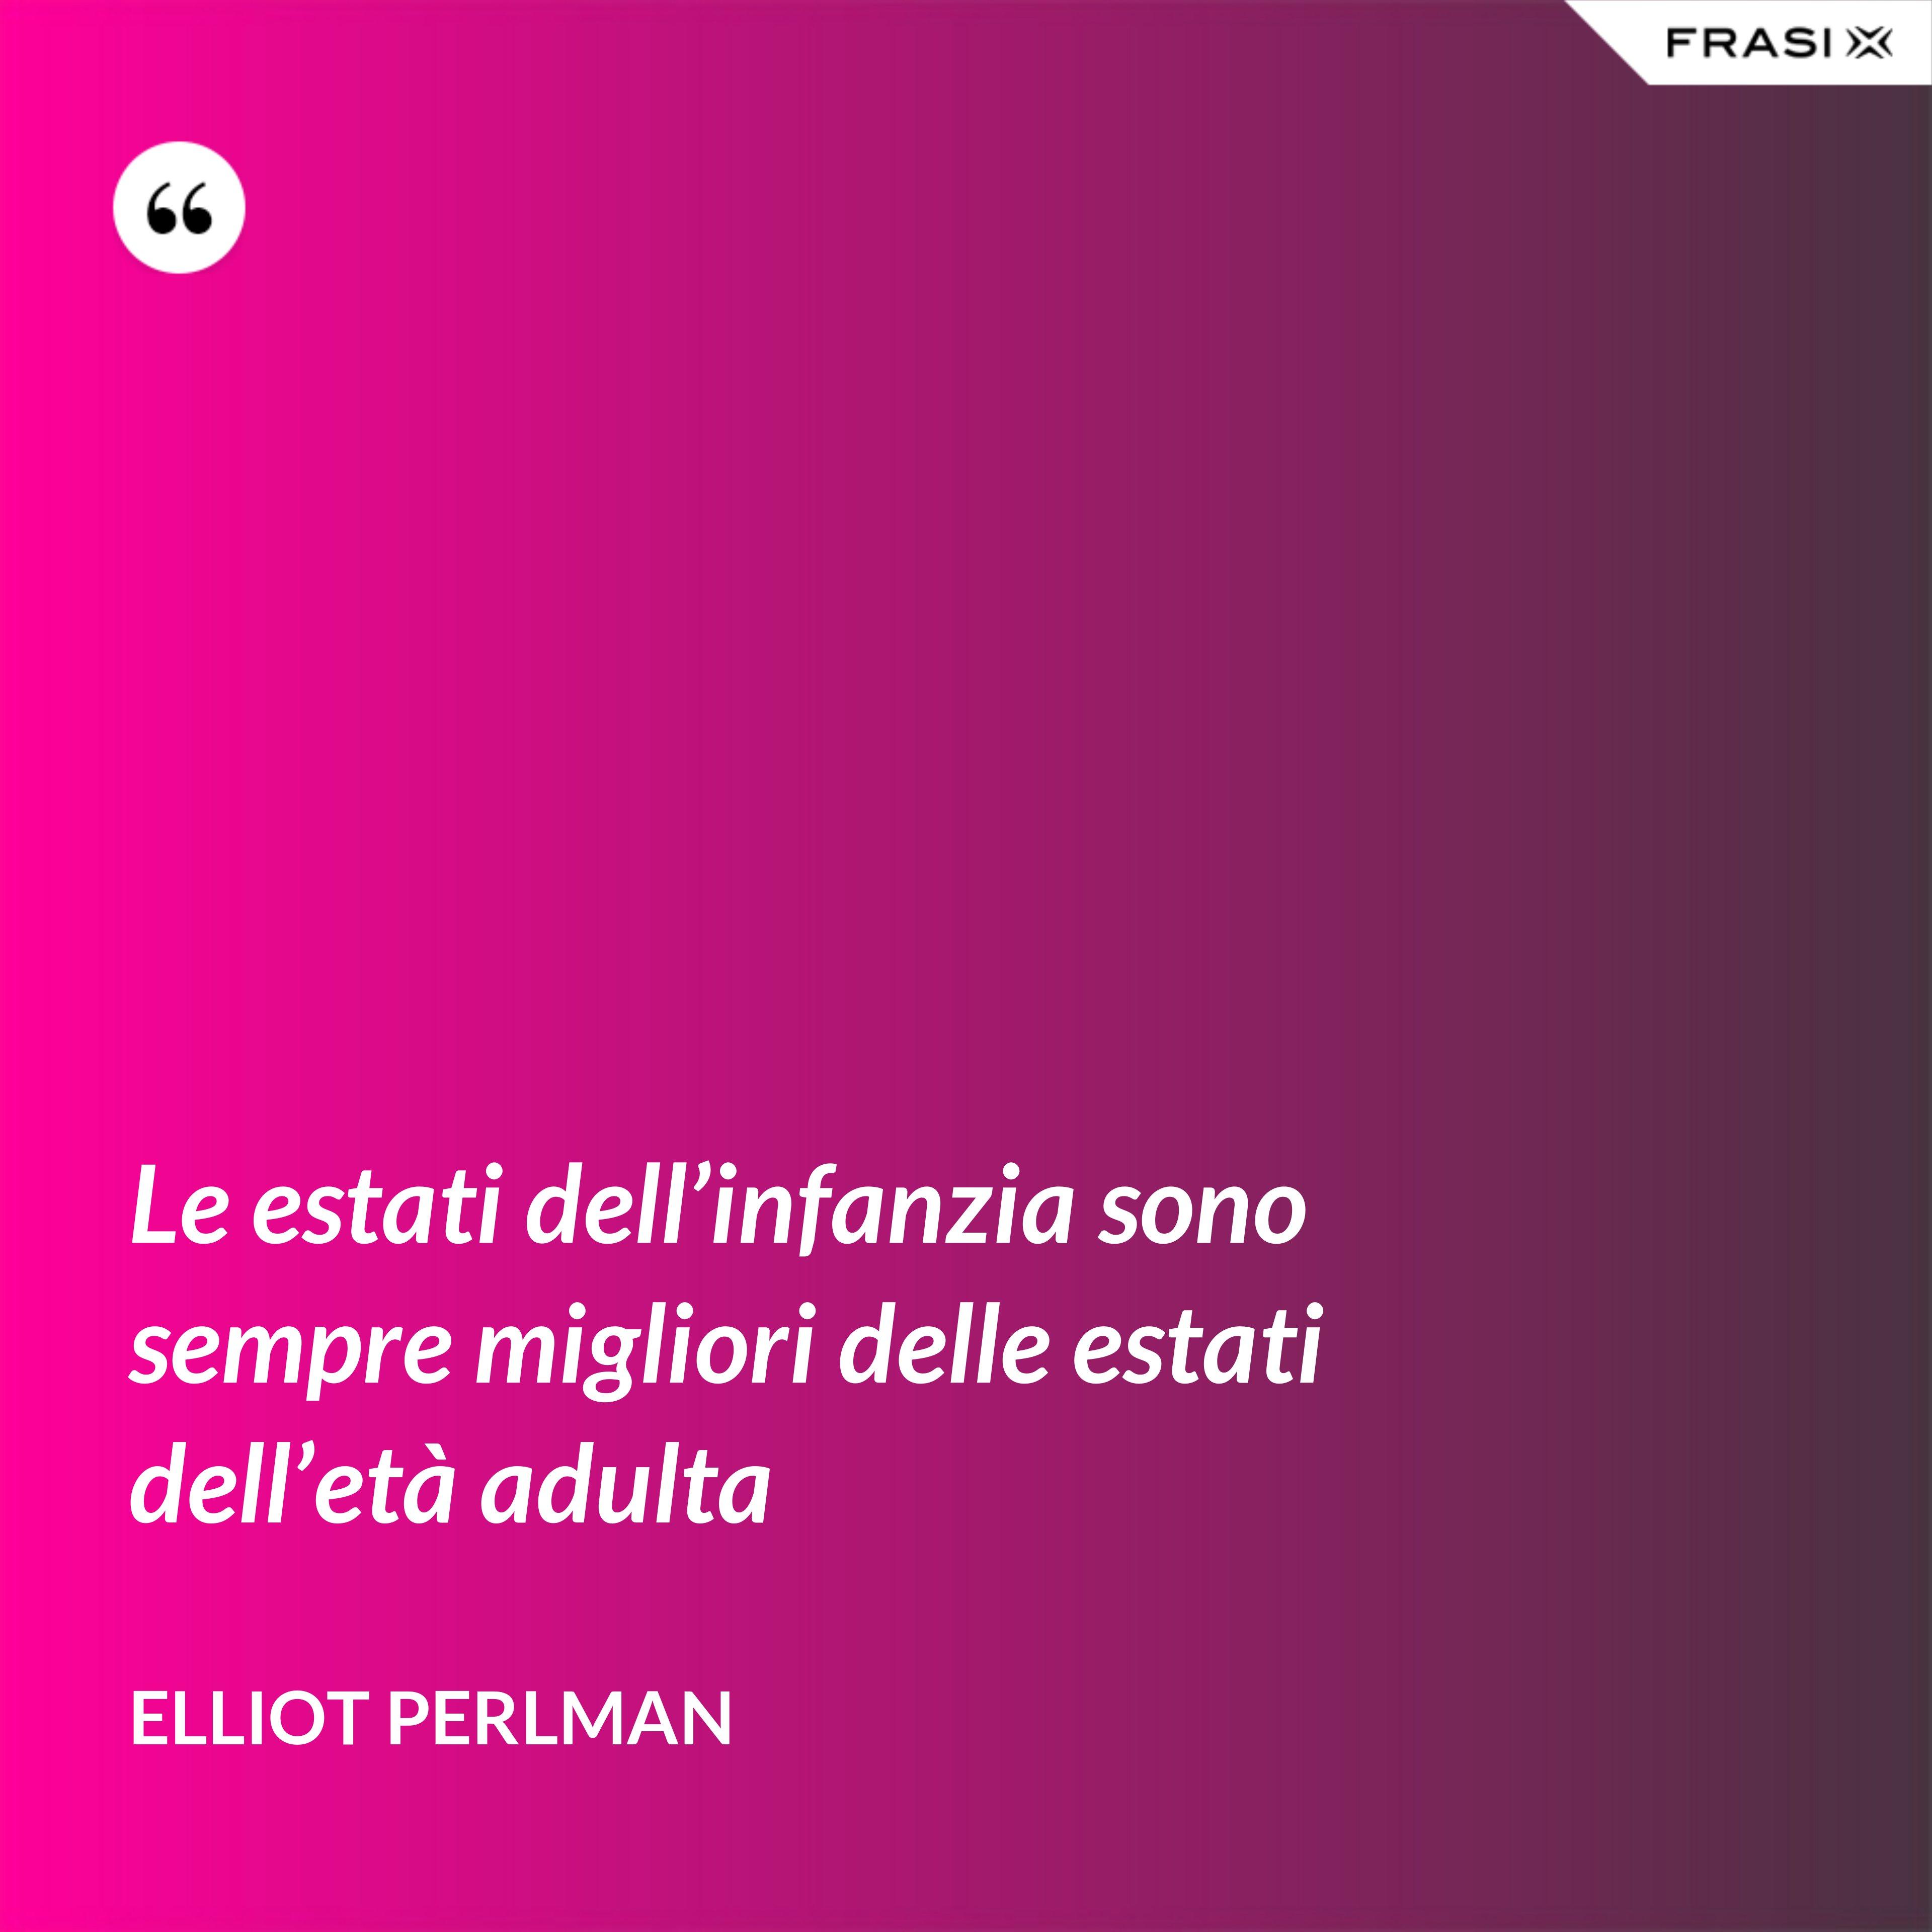 Le estati dell'infanzia sono sempre migliori delle estati dell'età adulta - Elliot Perlman